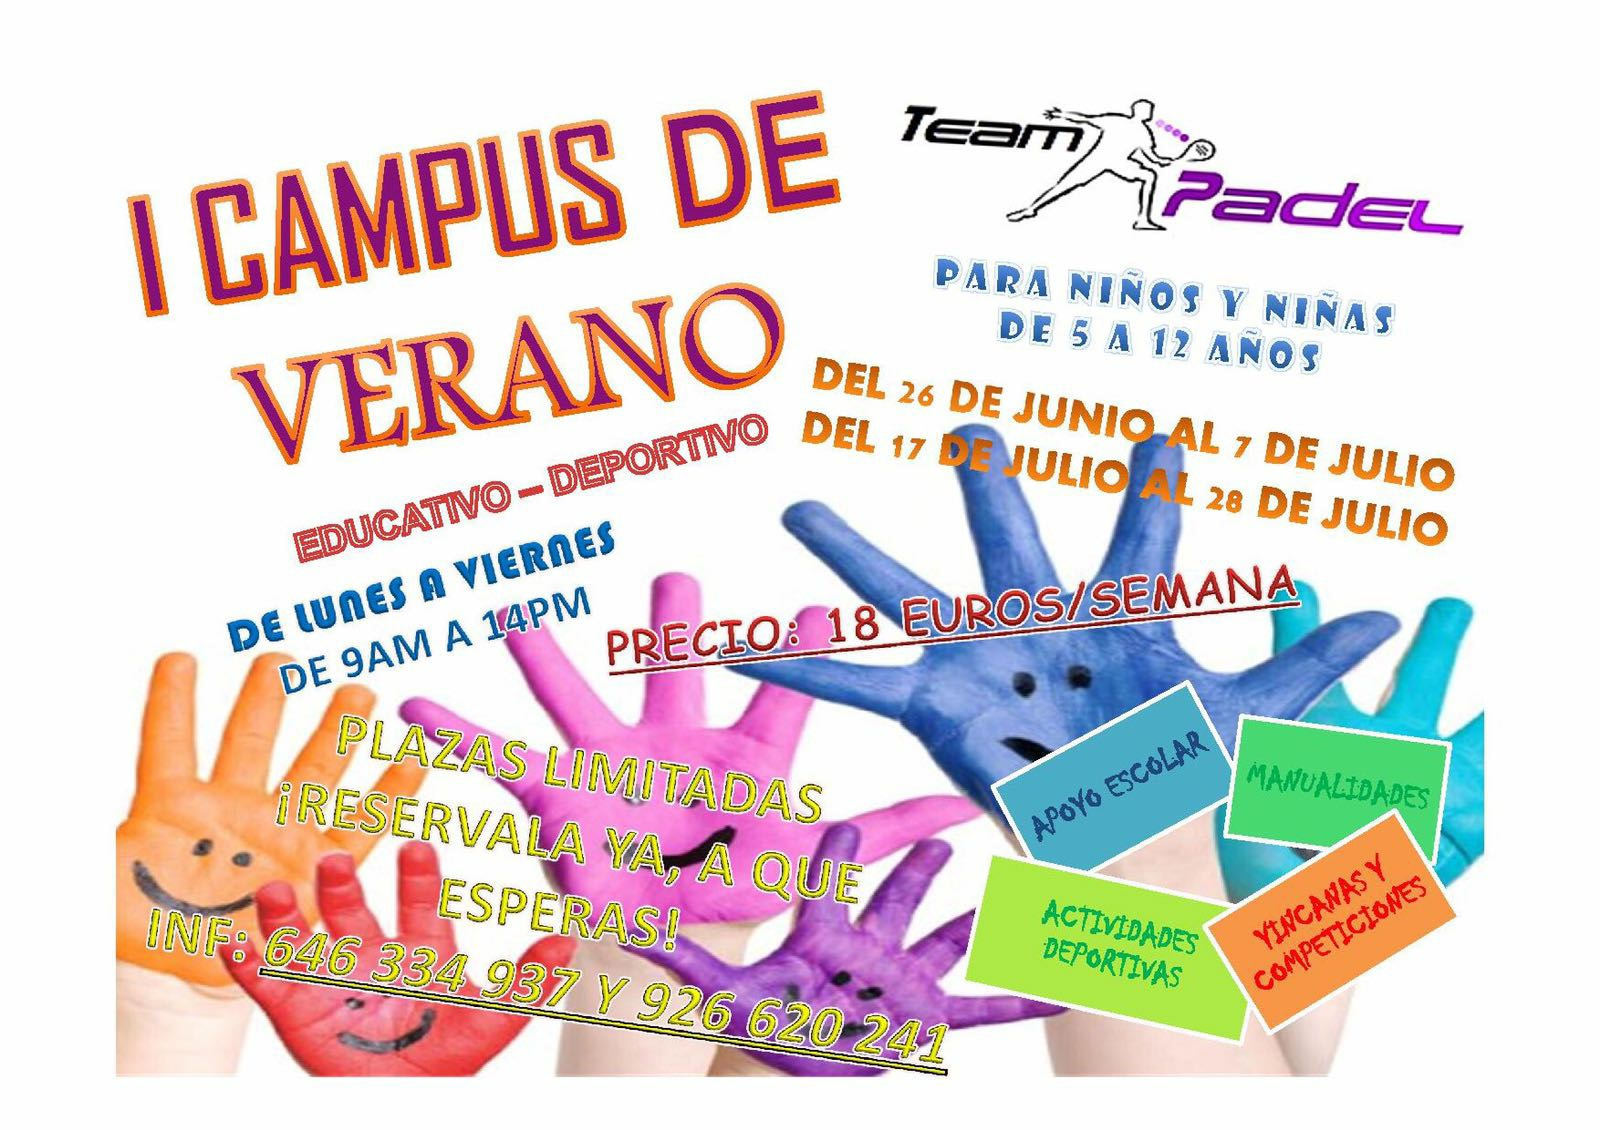 I Campus de Verano Team Padel